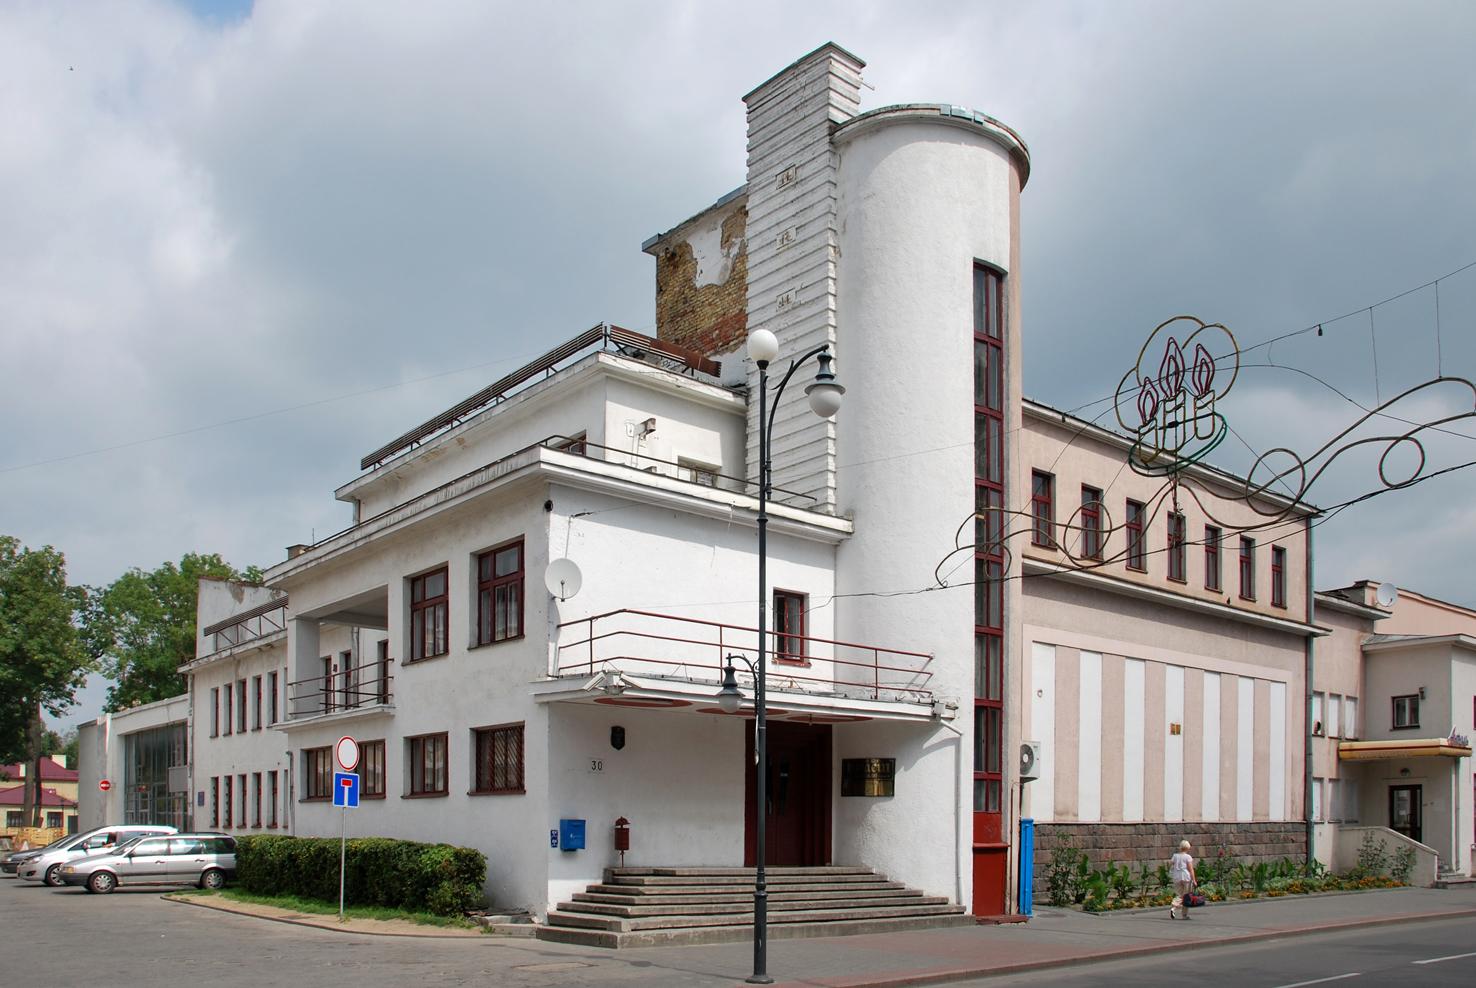 Kasyno w Grodnie, projekt Mieczysław Szczuka, rok budowy 1933